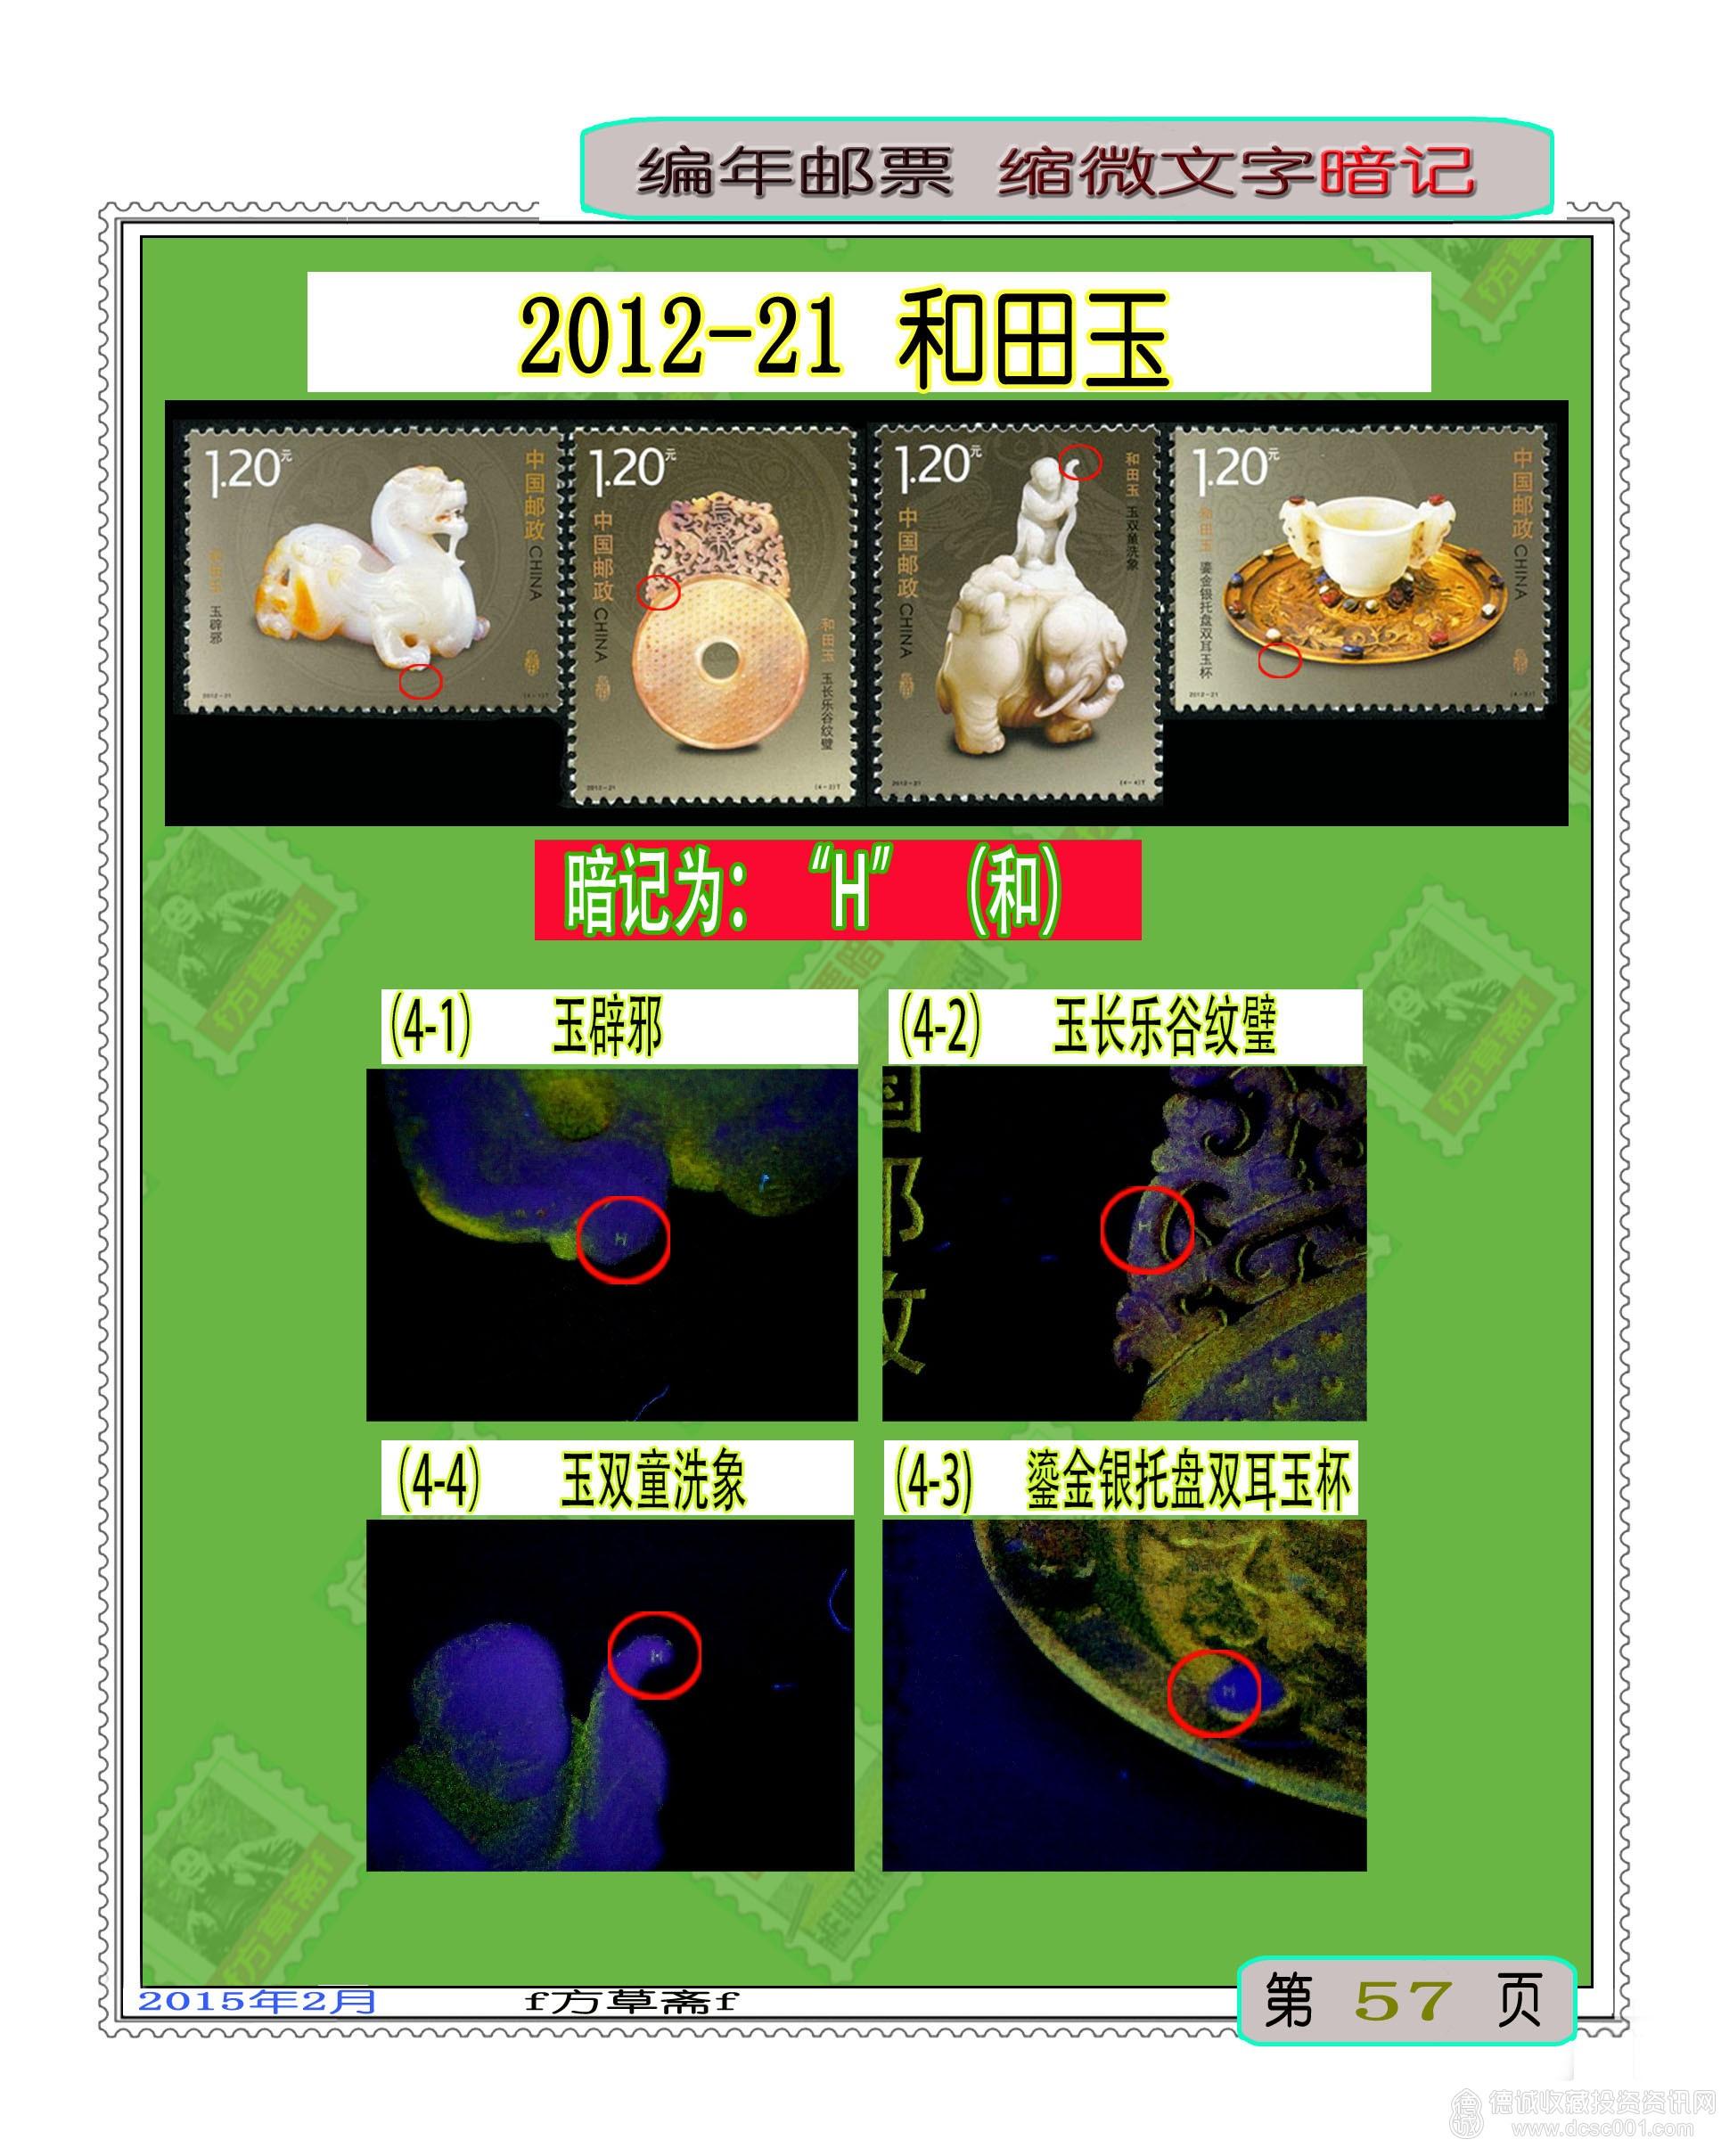 2012-21和田玉.jpg